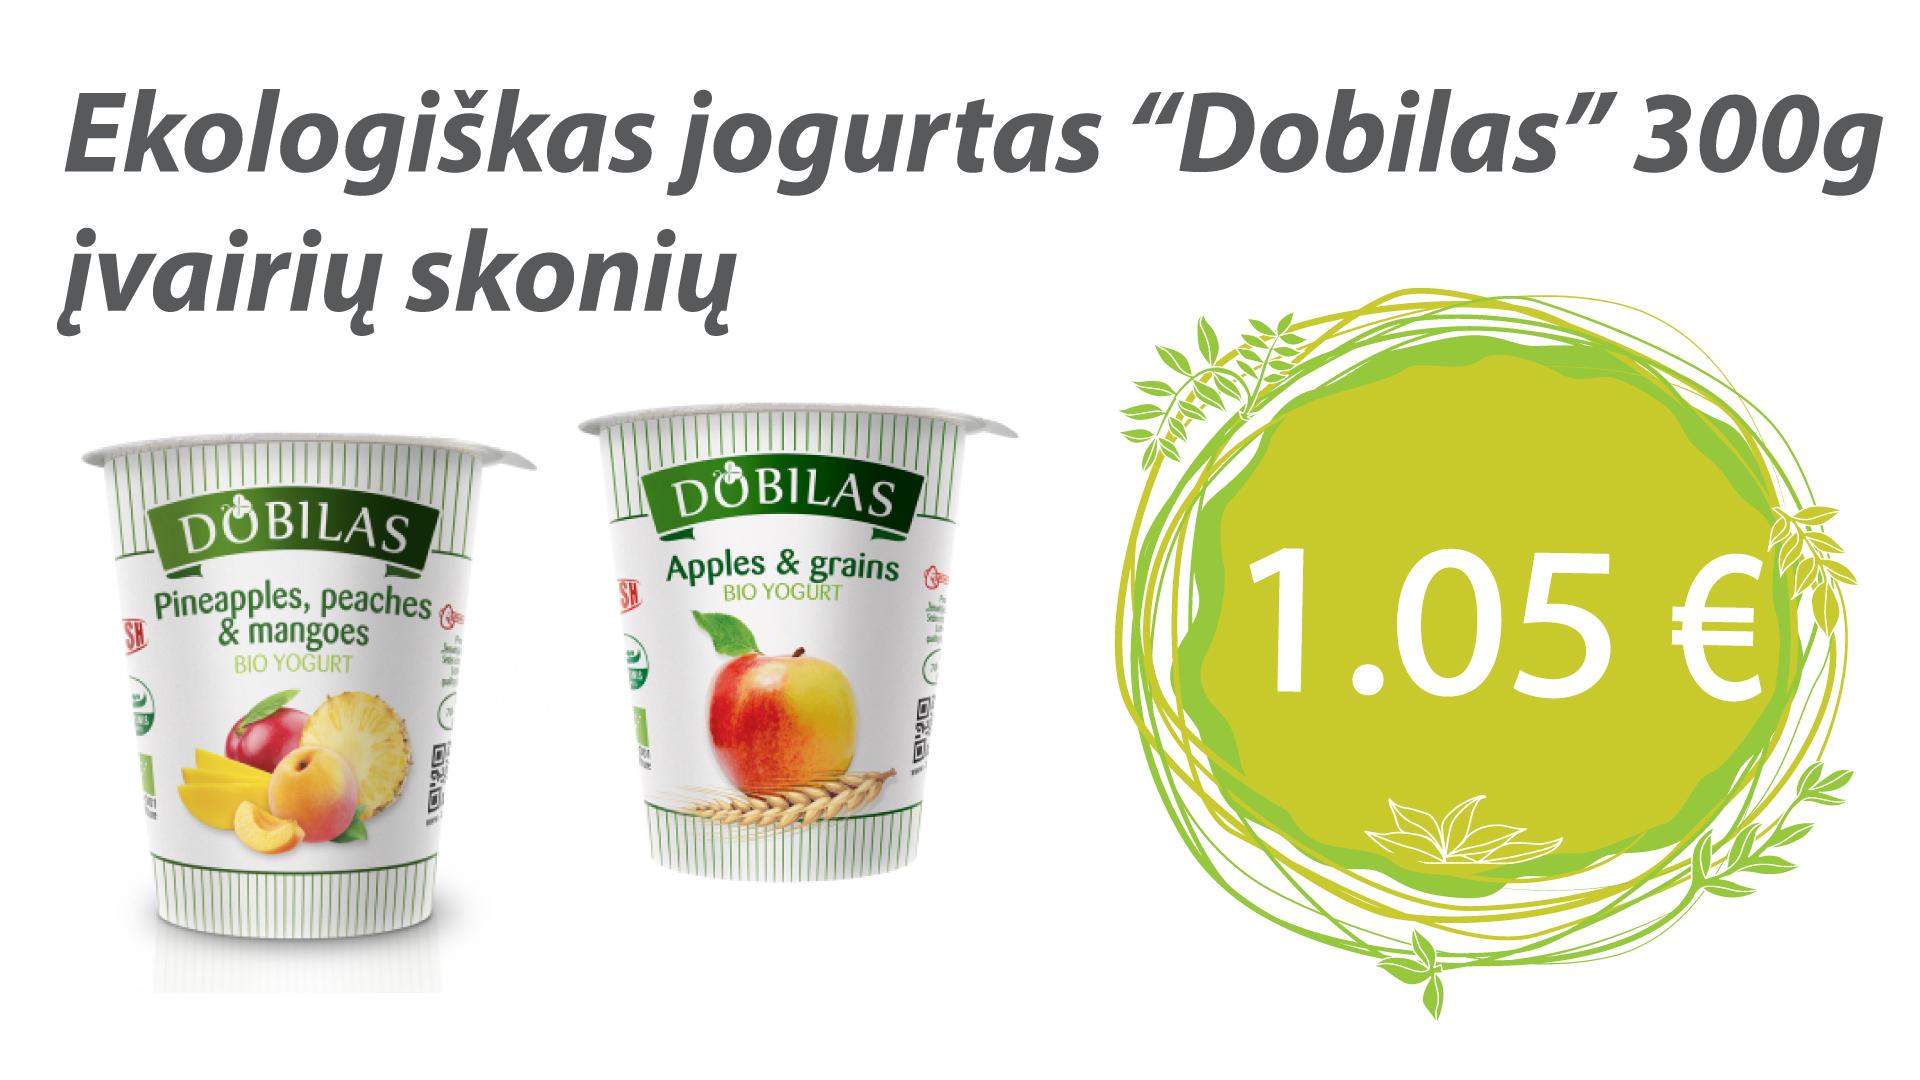 ekologiskas-jogurtas-dobilas